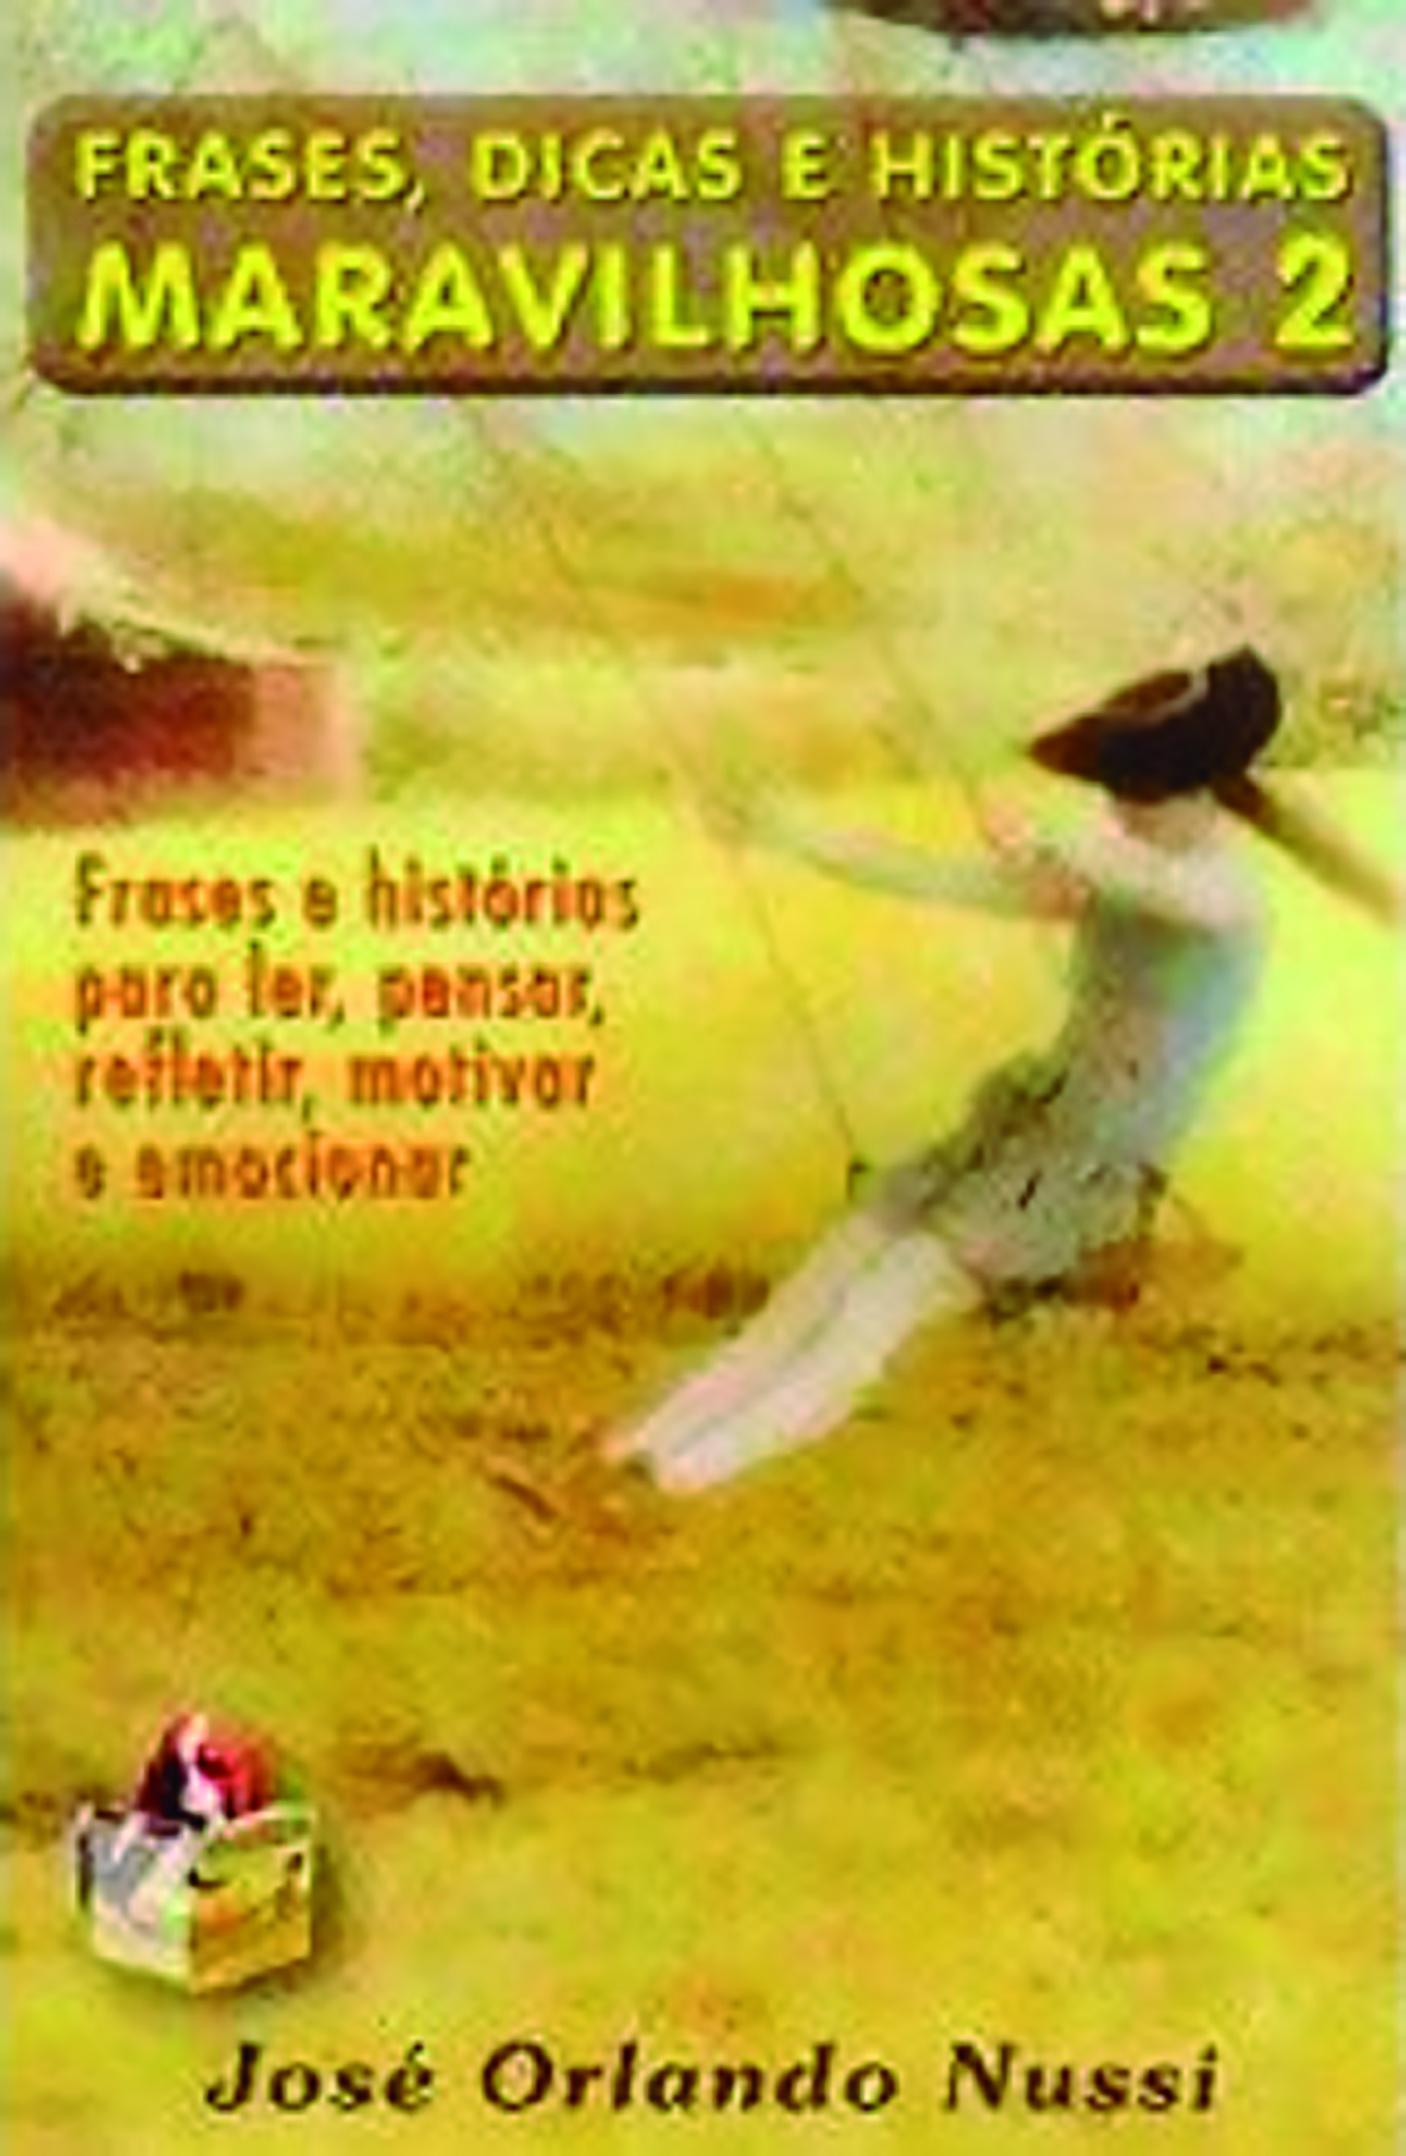 FRASES DICAS E HIST. MARAVILHOSAS - V 02